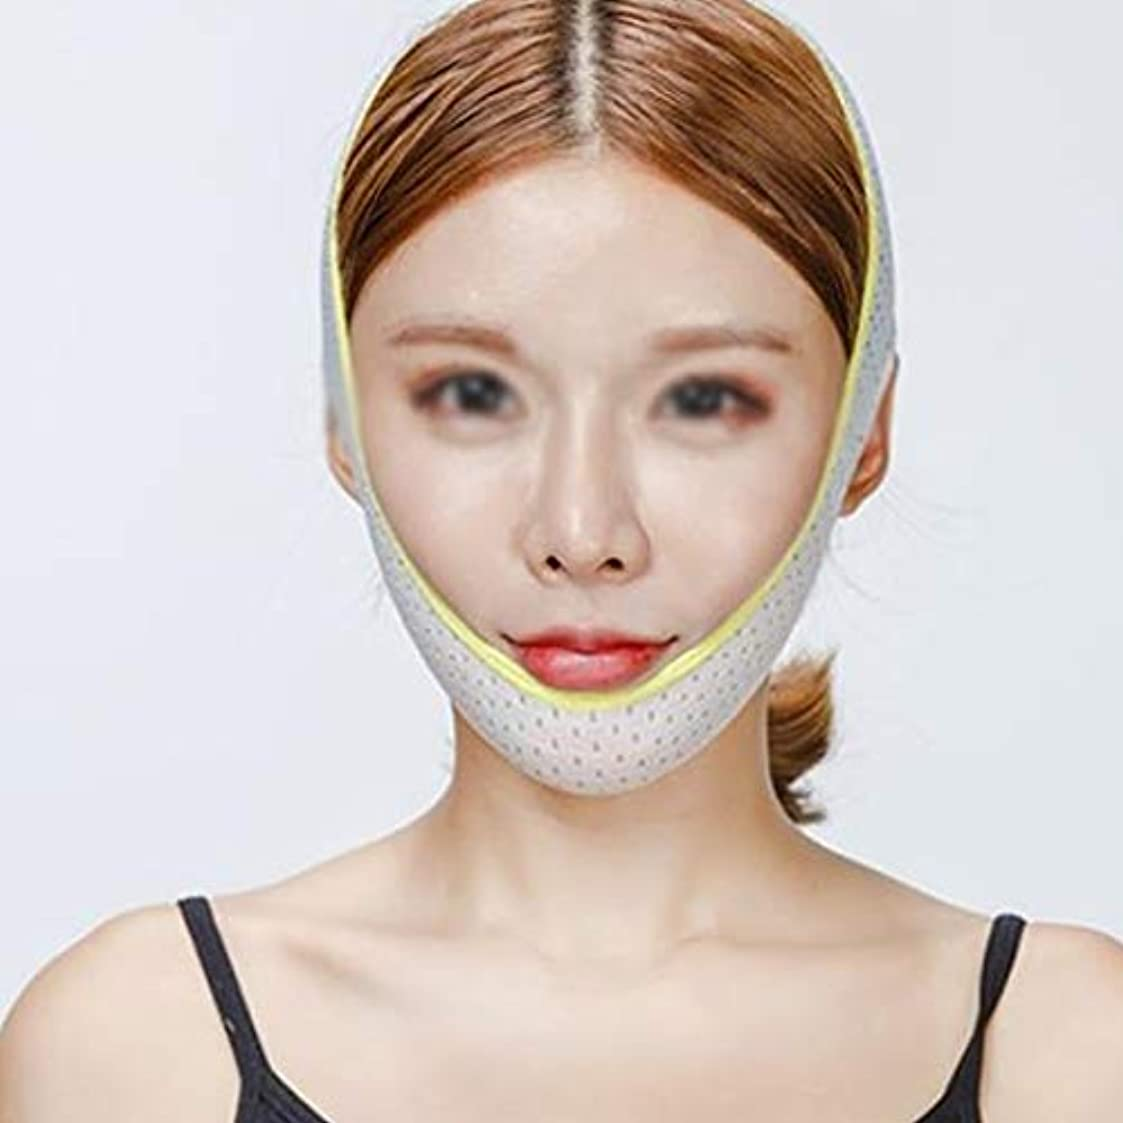 エンドテーブルシネウィ有益ZWBD フェイスマスク, Vフェイスアーティファクトフェイスリフトステッカー本物のフェイスリフト韓国フェイスフェイシャルリフティングファーミングインストゥルメントフェイシャルリフティング睡眠包帯